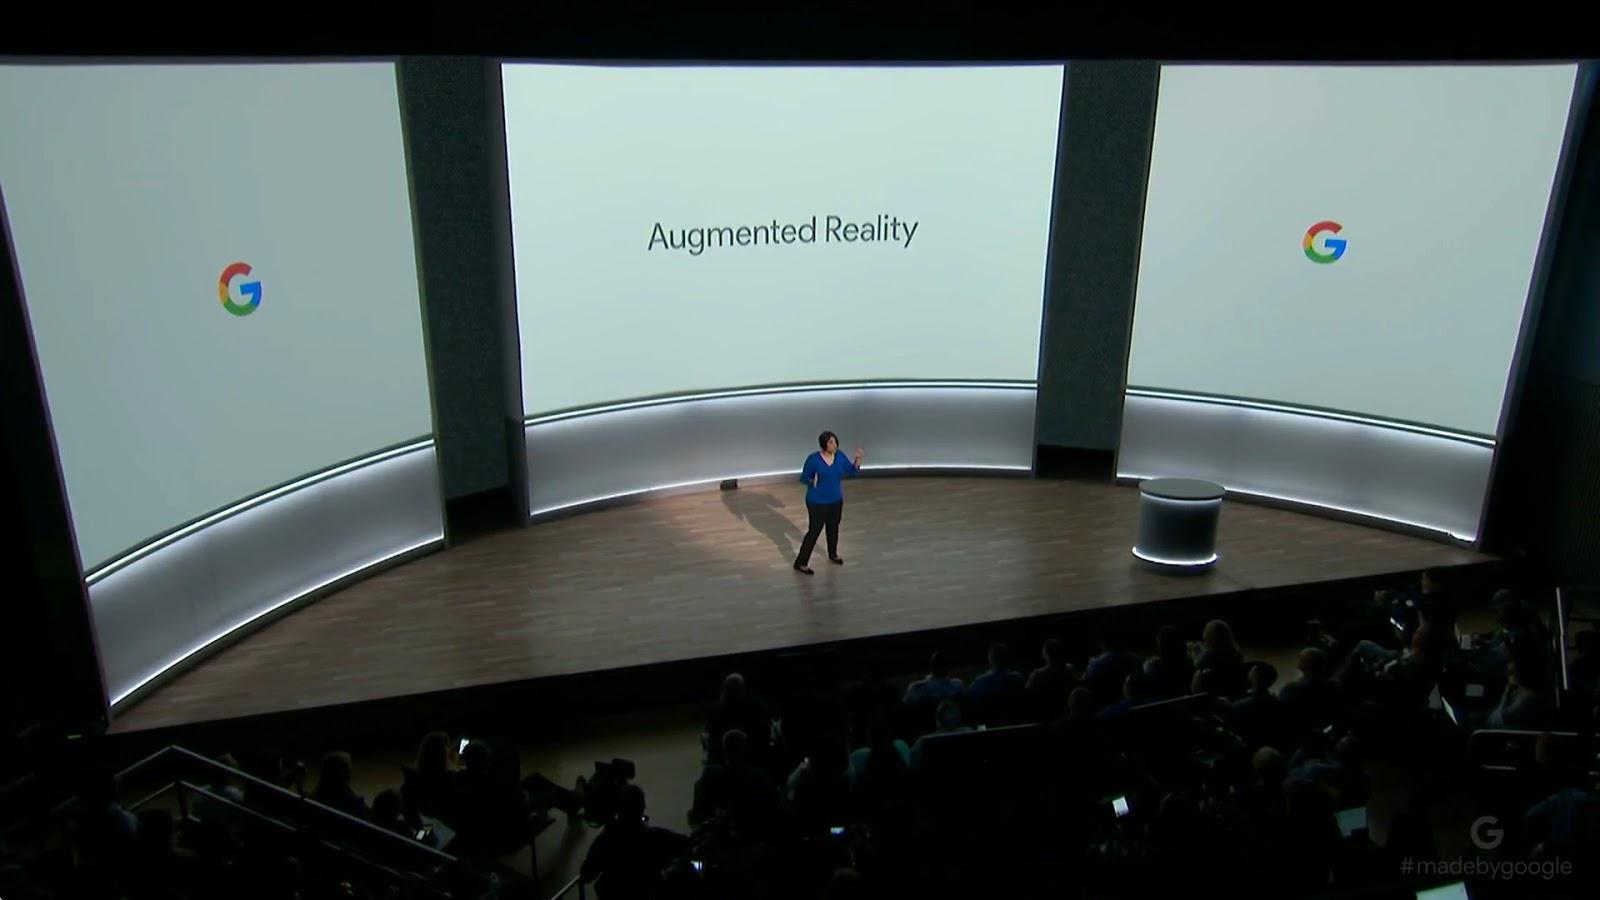 Google Membuka Kursus Gratis Untuk Mengajarkan Augmented Reality